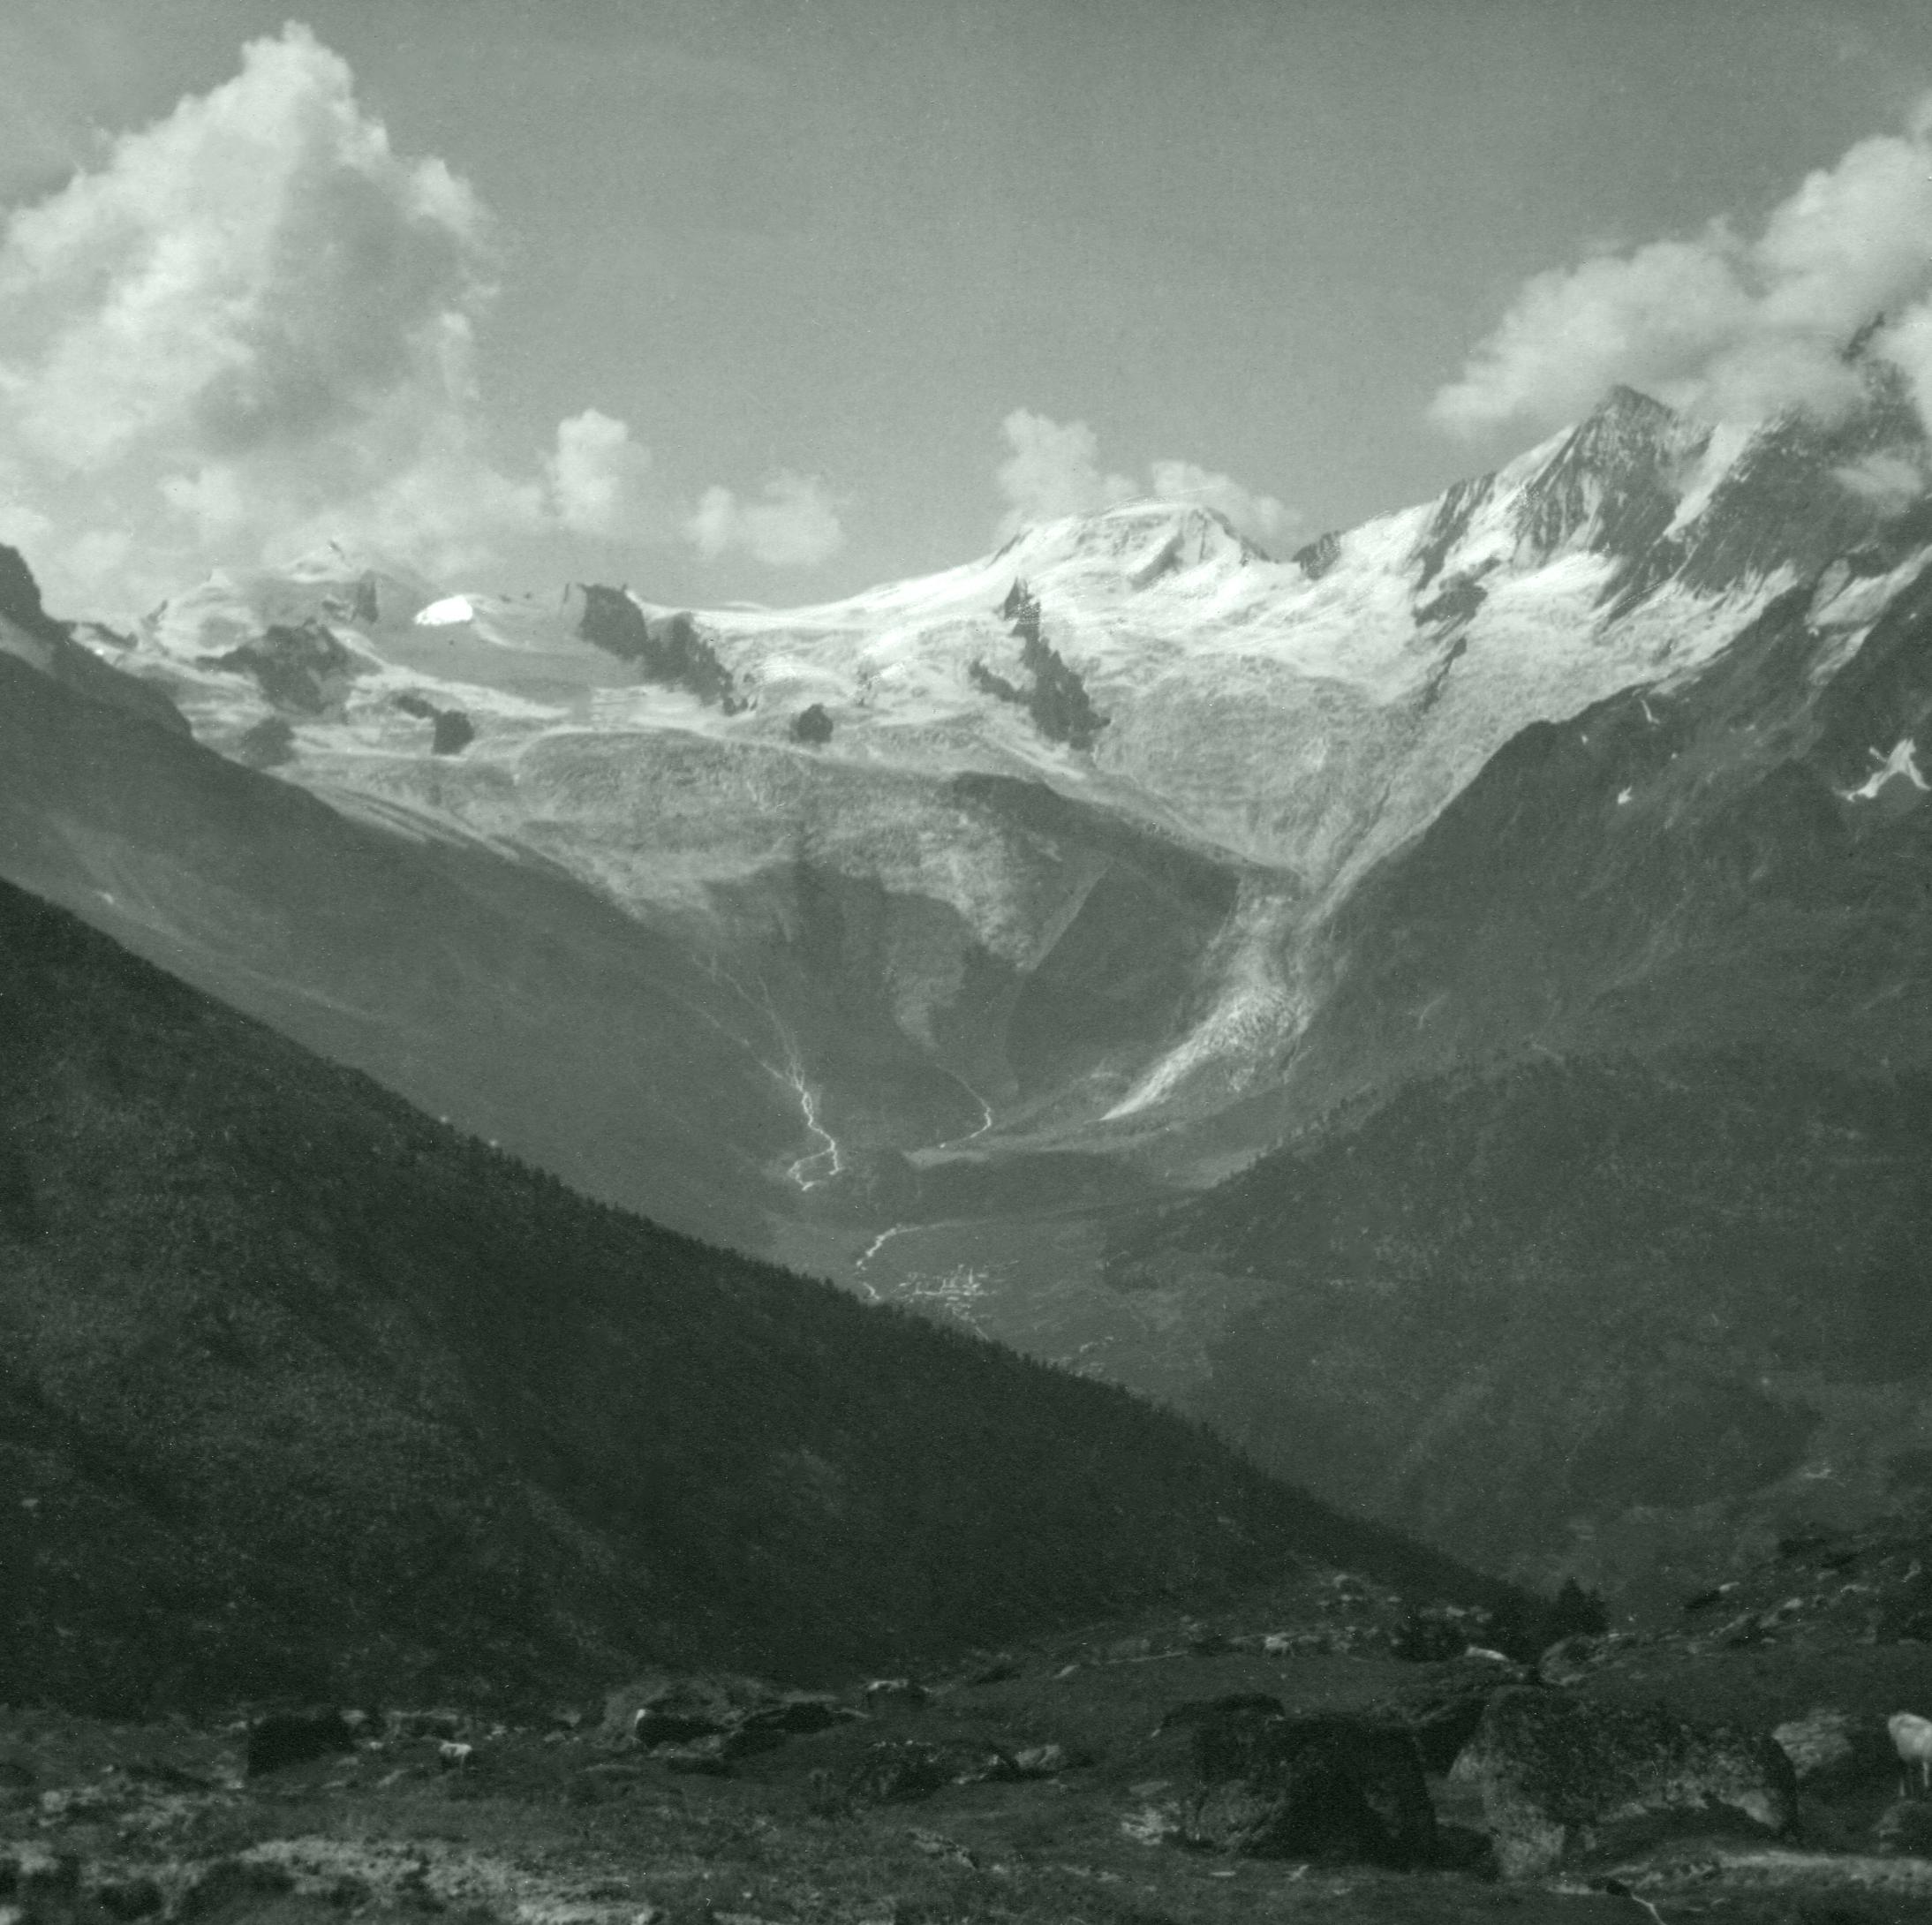 Saas-Fee mit Allalinhorn, Alphubel, Täschhorn von der obersten Triftal einer Alpensiedlung bei Saas-Grund. Sommer 1929.